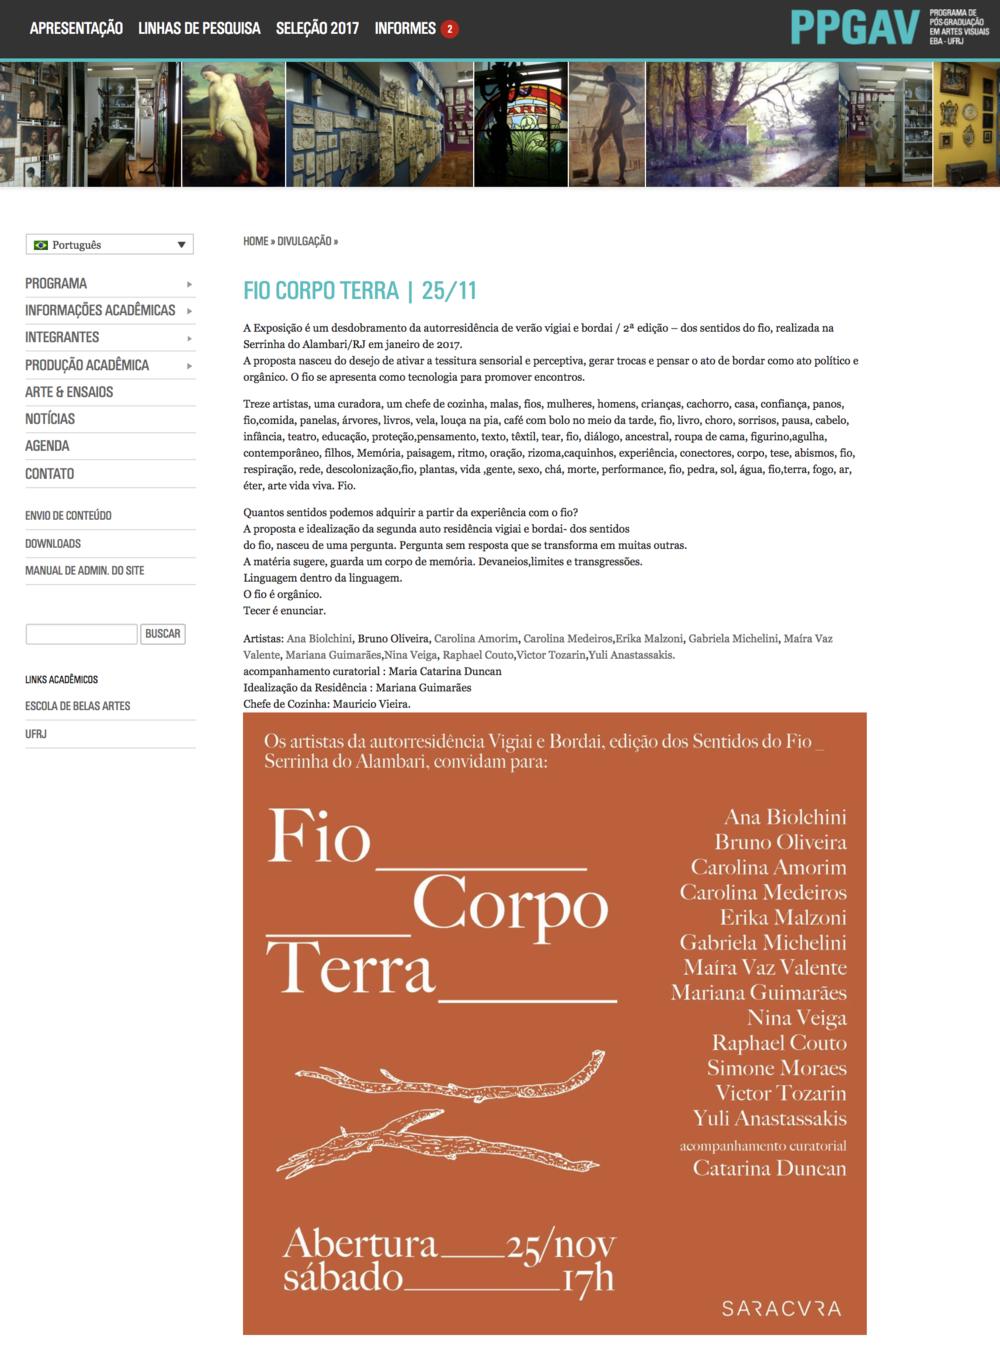 Fio, Corpo Terra na página oficial do Programa de Pós Graduação em Artes Visuais da EBA  - UFRJ